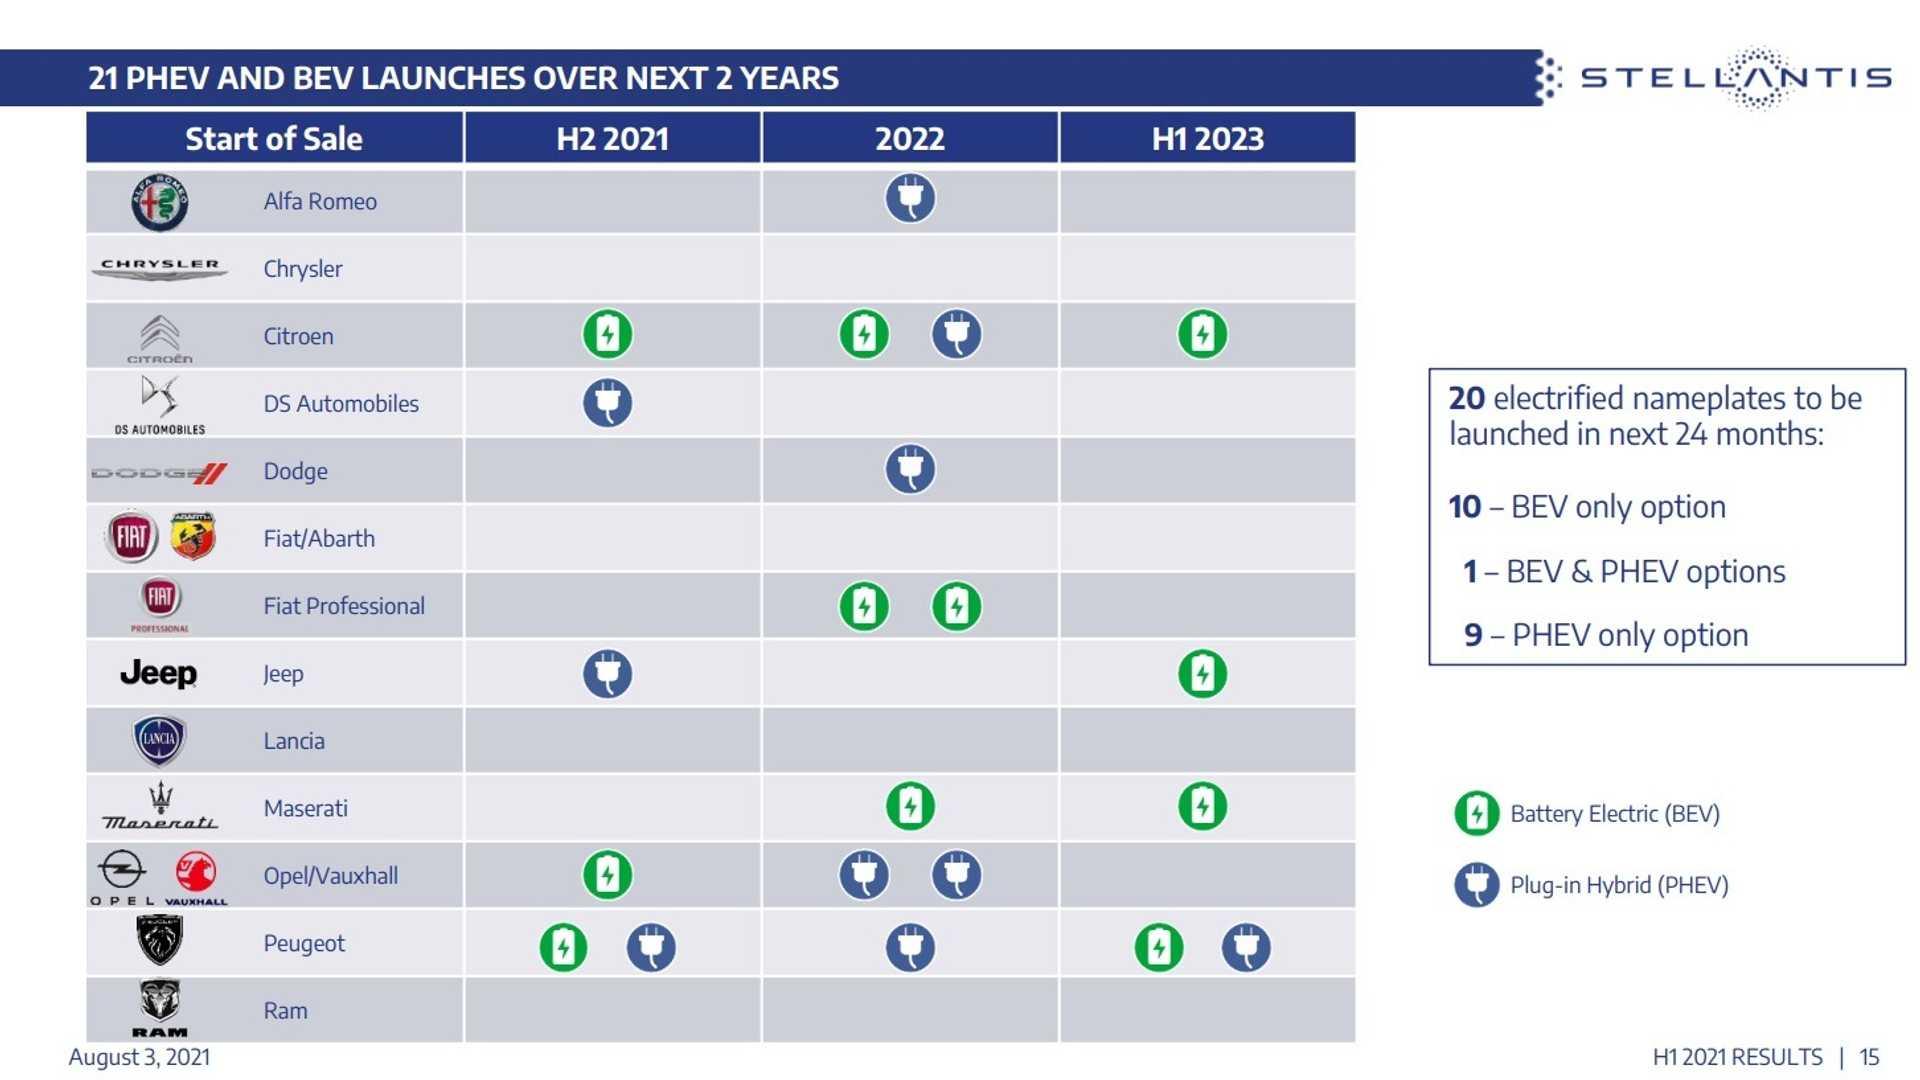 Tabela de projeções de lançamentos de elétricos e híbridos das marcas da Stellantis